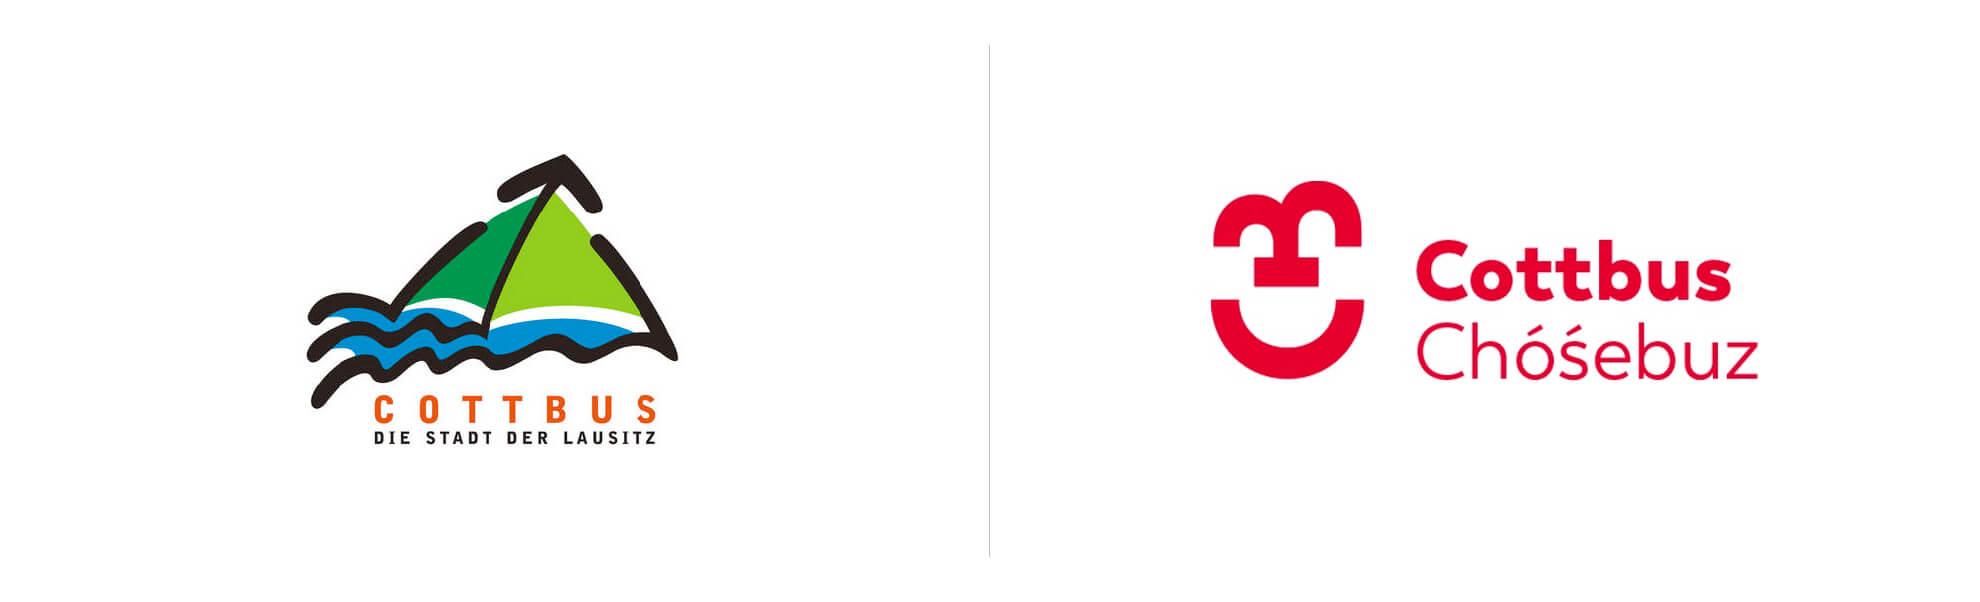 Cottbus nowe istare logo